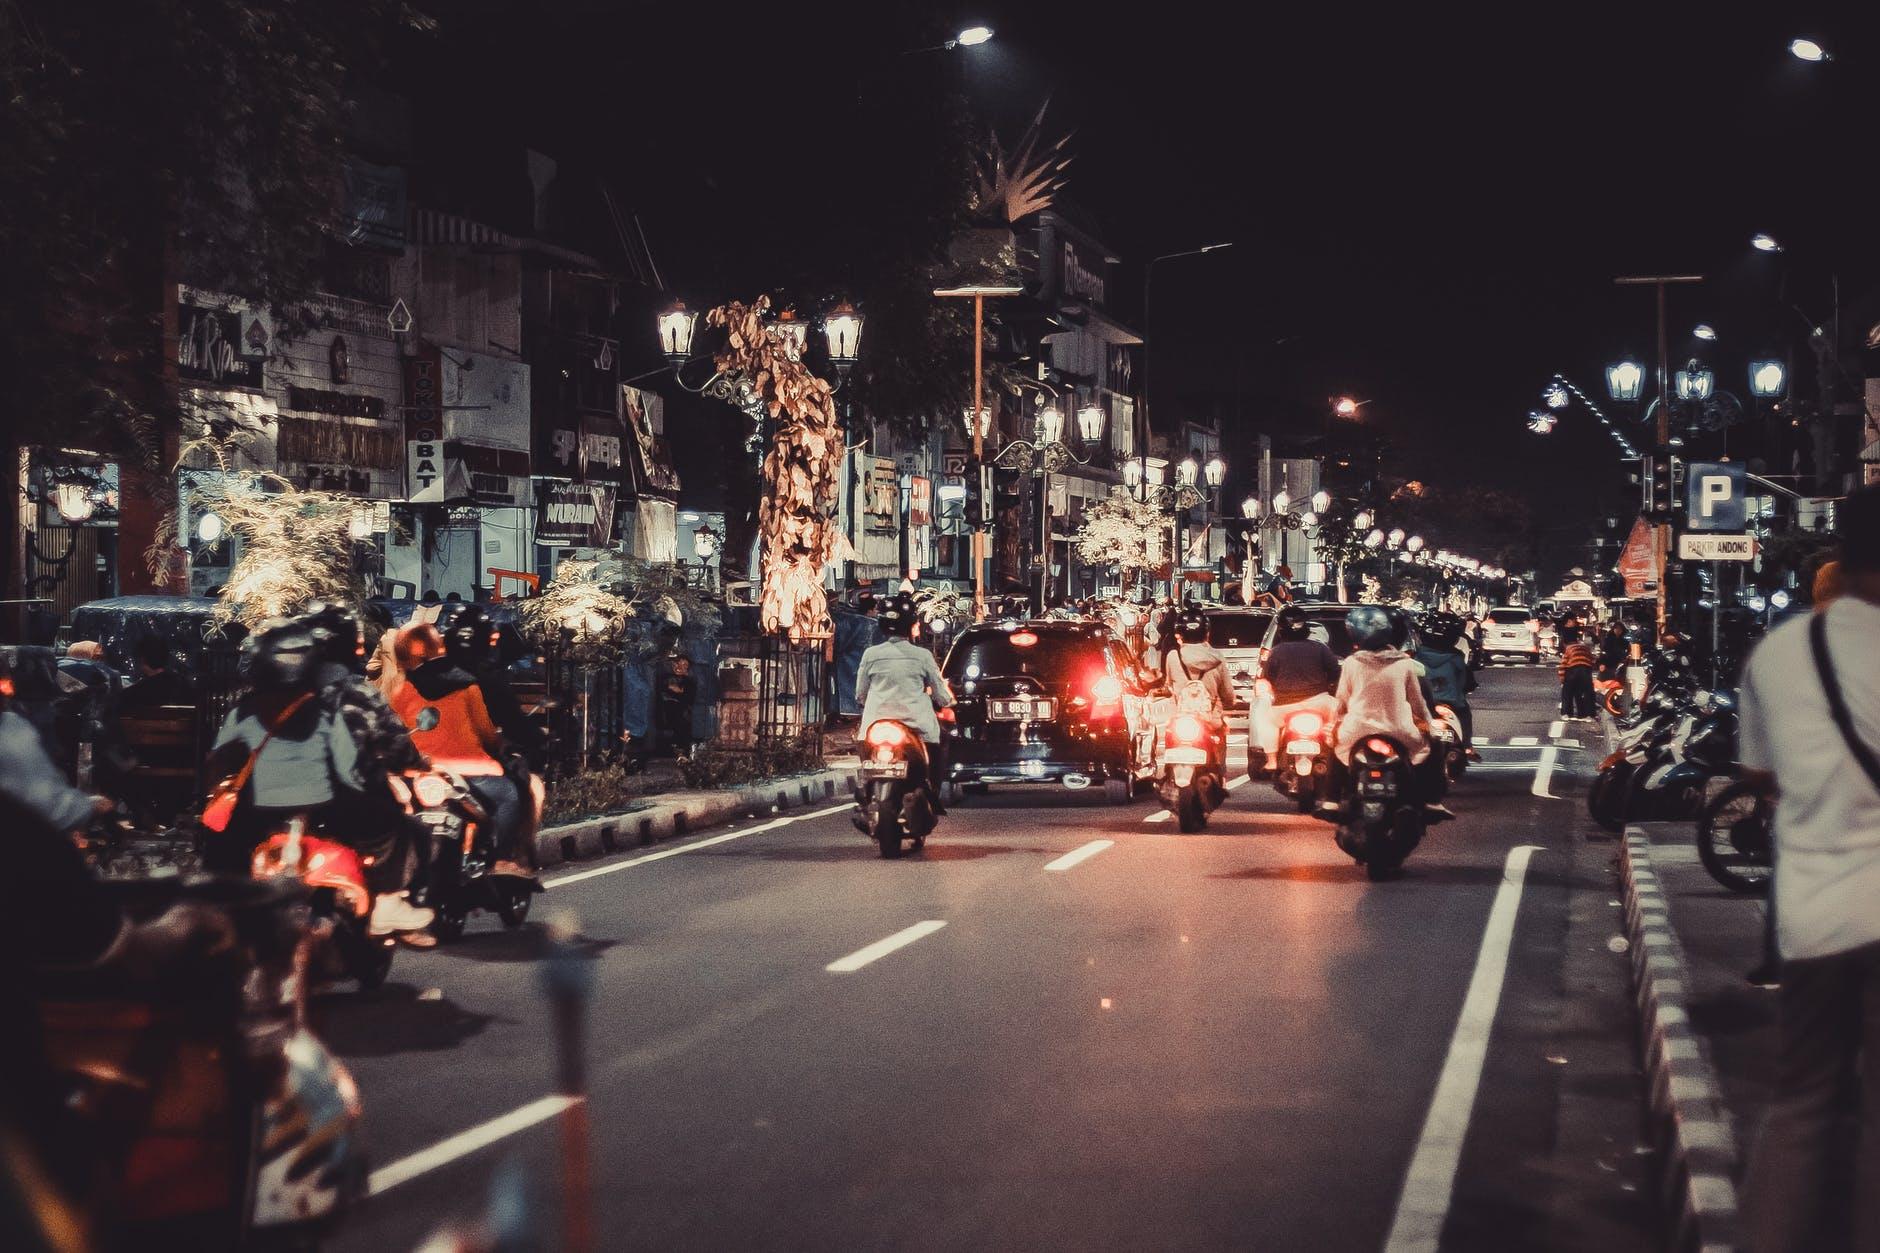 Le nombre de motocyclistes sur les routes augmente, et les automobilistes doivent en prendre conscience. Source: https://www.pexels.com/fr-fr/